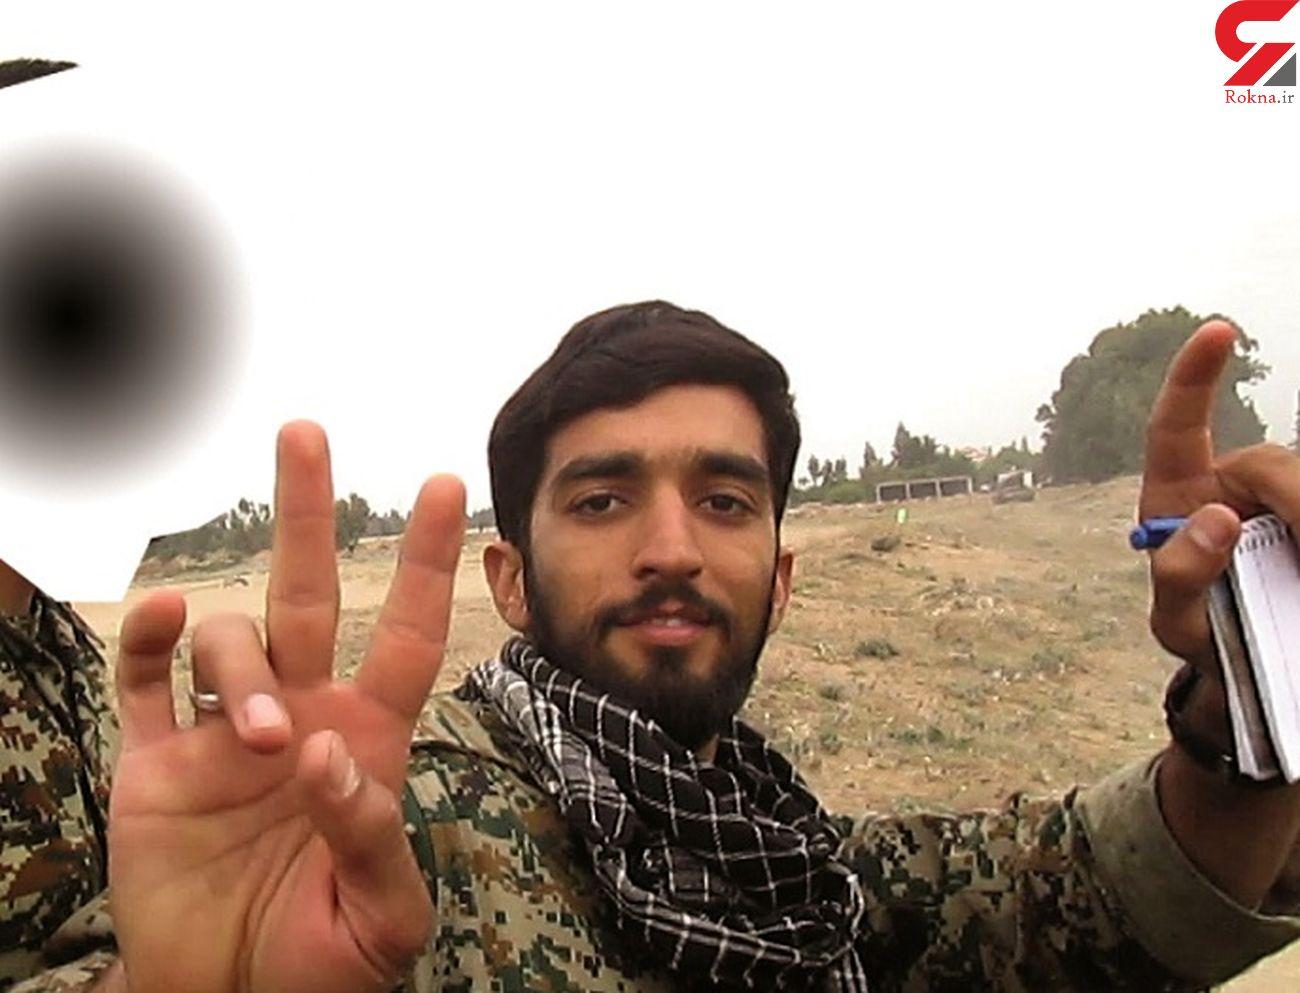 پدر شهید محسن حججی: گوسفند نذر کرده بودم تا داعشی ها پسرم را شکنجه نکنند + عکس